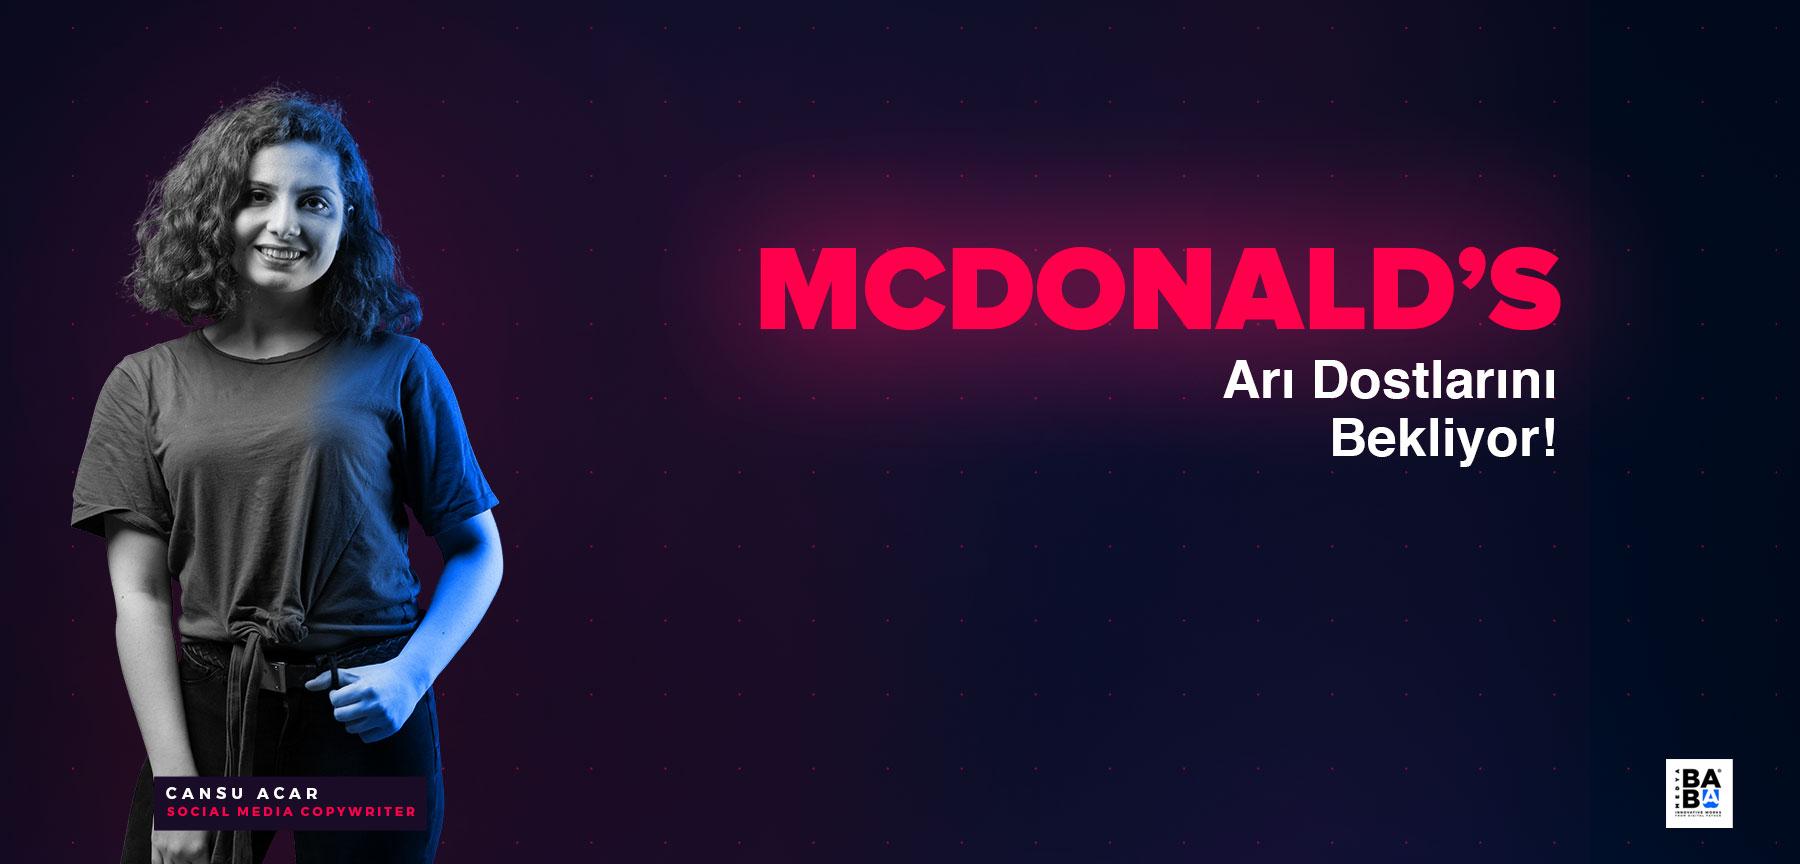 DÜNYANIN EN KÜÇÜK RESTAURANTINI AÇAN McDonald's, ARI DOSTLARINI BEKLİYOR!